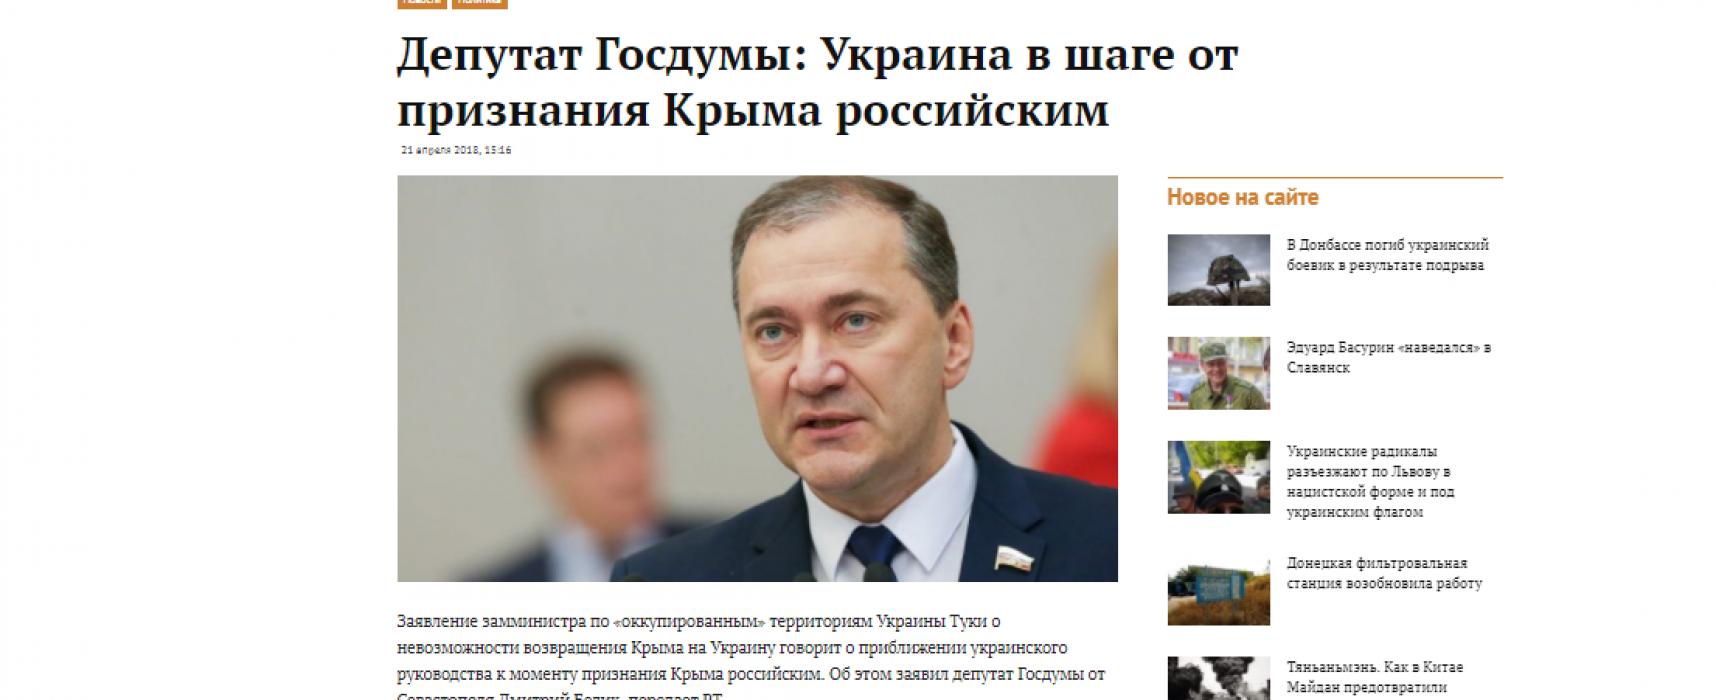 Fake: L'Ucraina ha riconosciuto che non può riprendere la Crimea